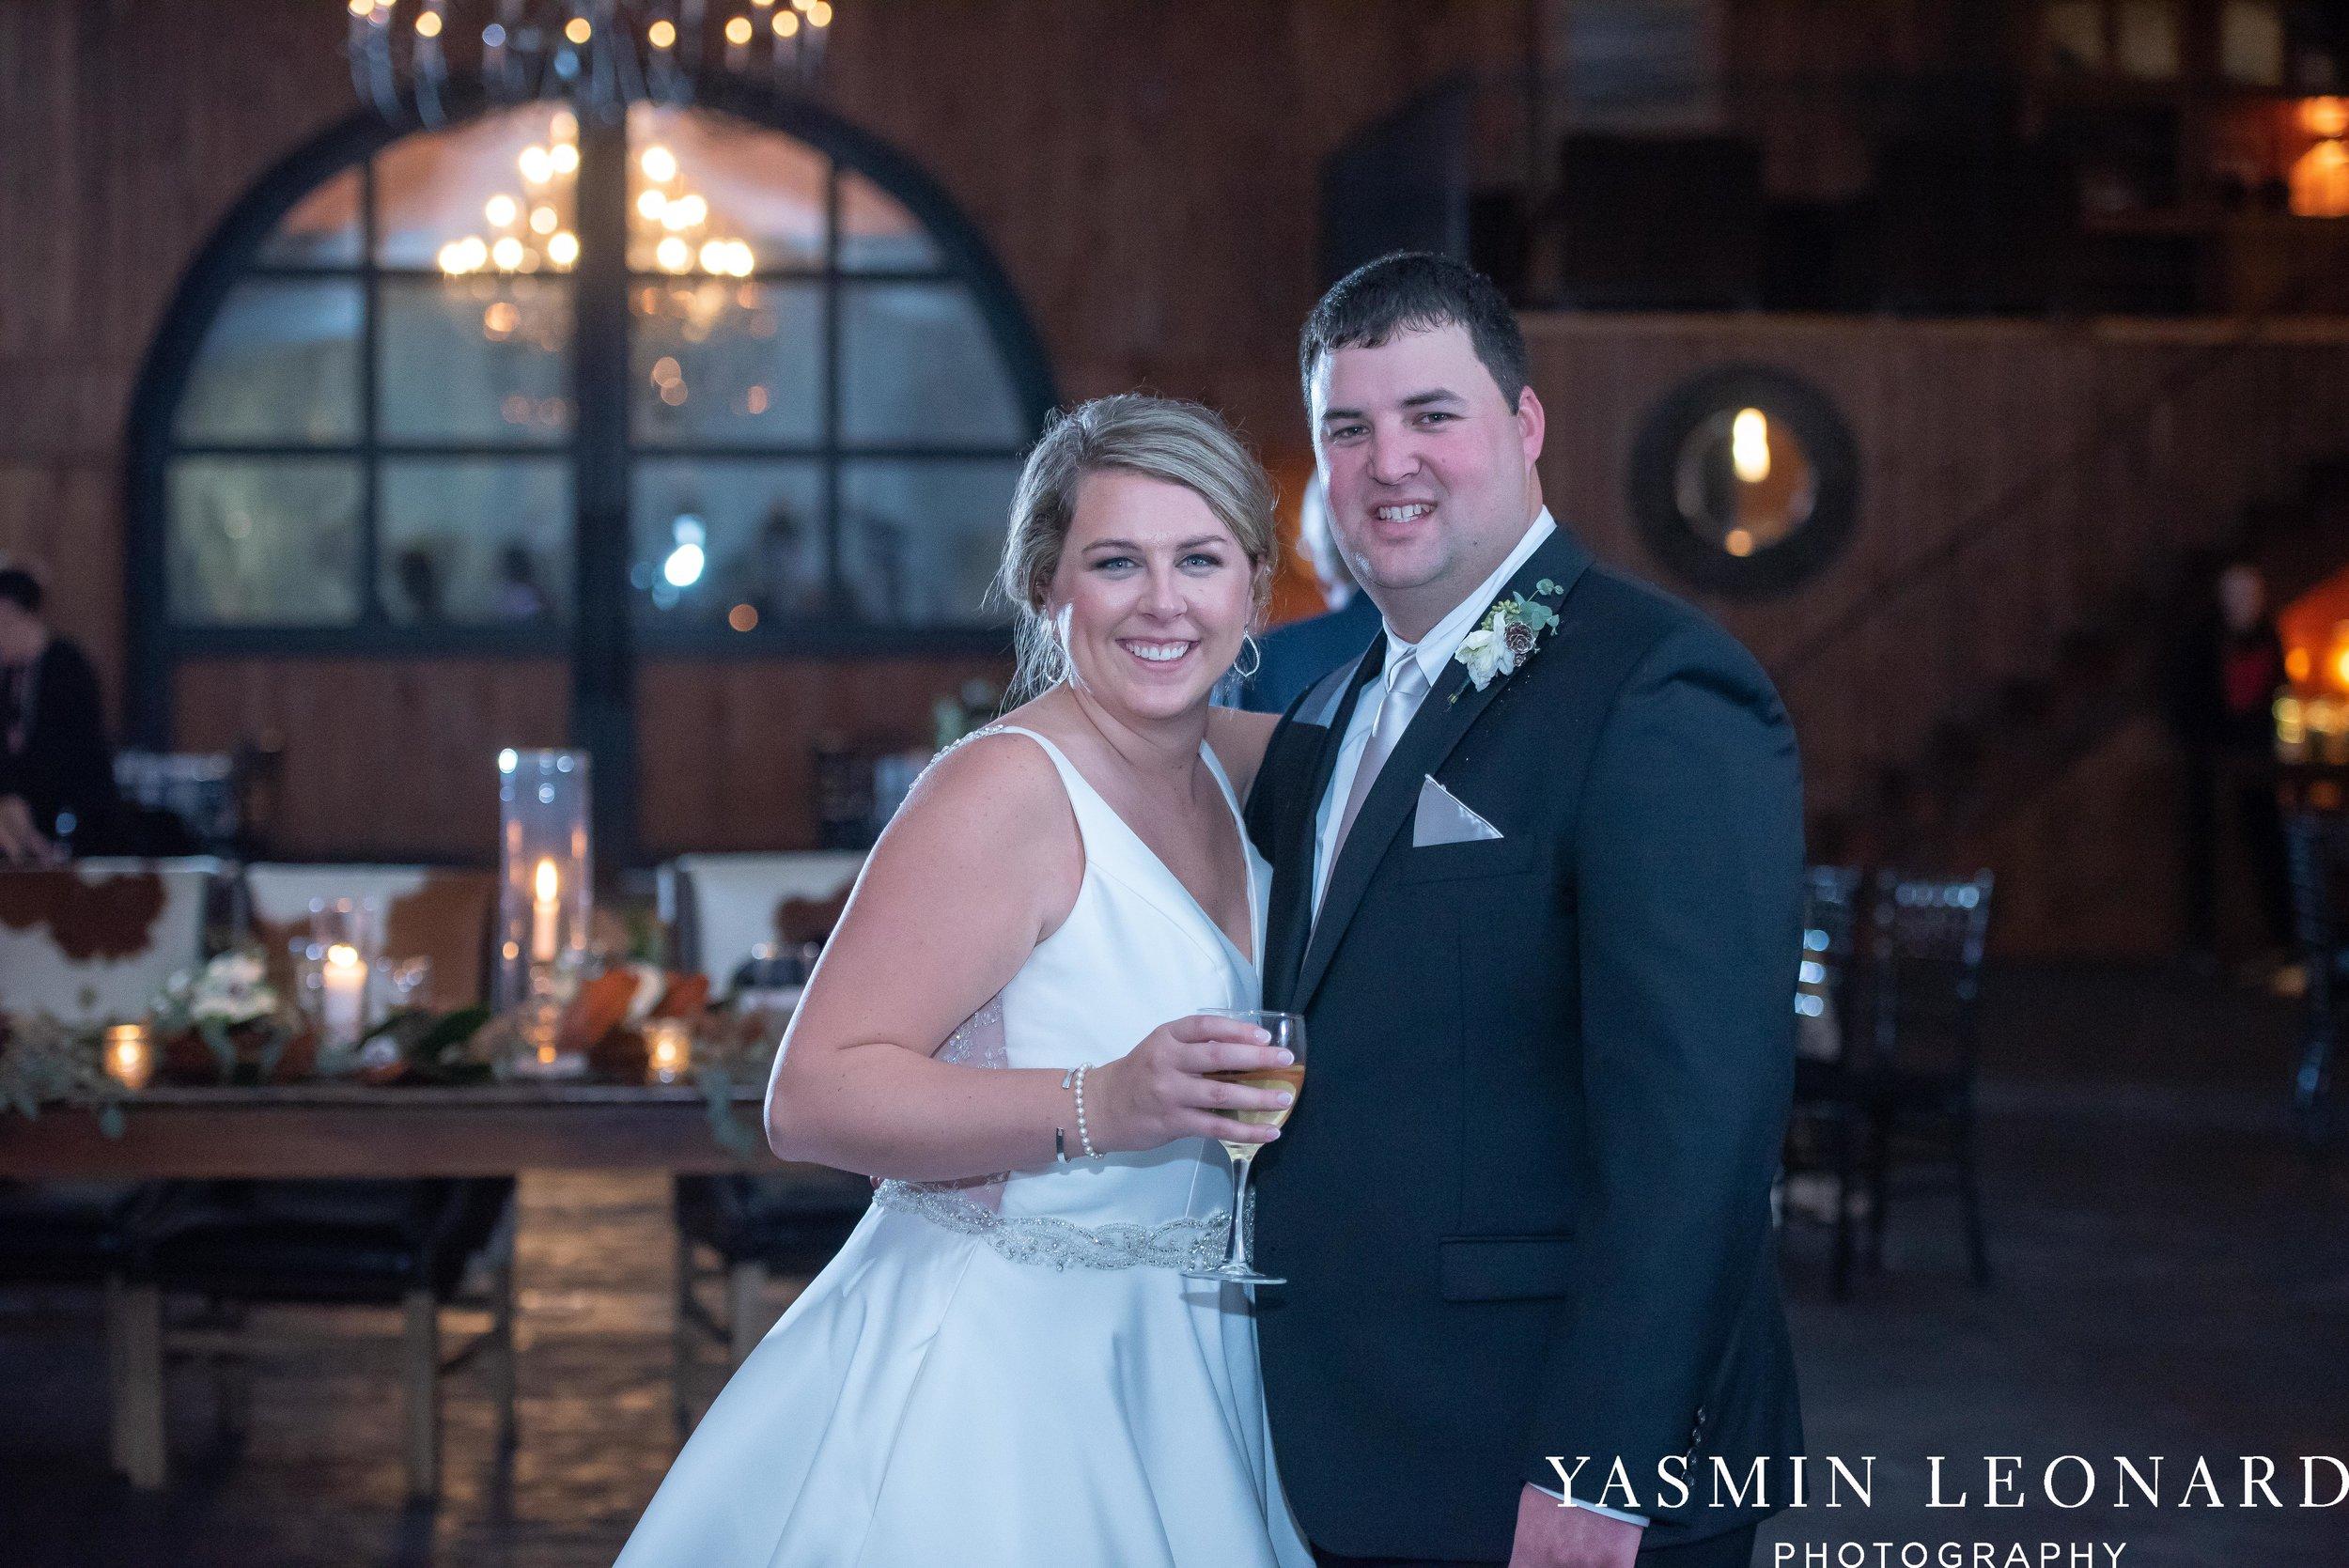 Adaumont Farm - Wesley Memorial Weddings - High Point Weddings - Just Priceless - NC Wedding Photographer - Yasmin Leonard Photography - High Point Wedding Vendors-72.jpg